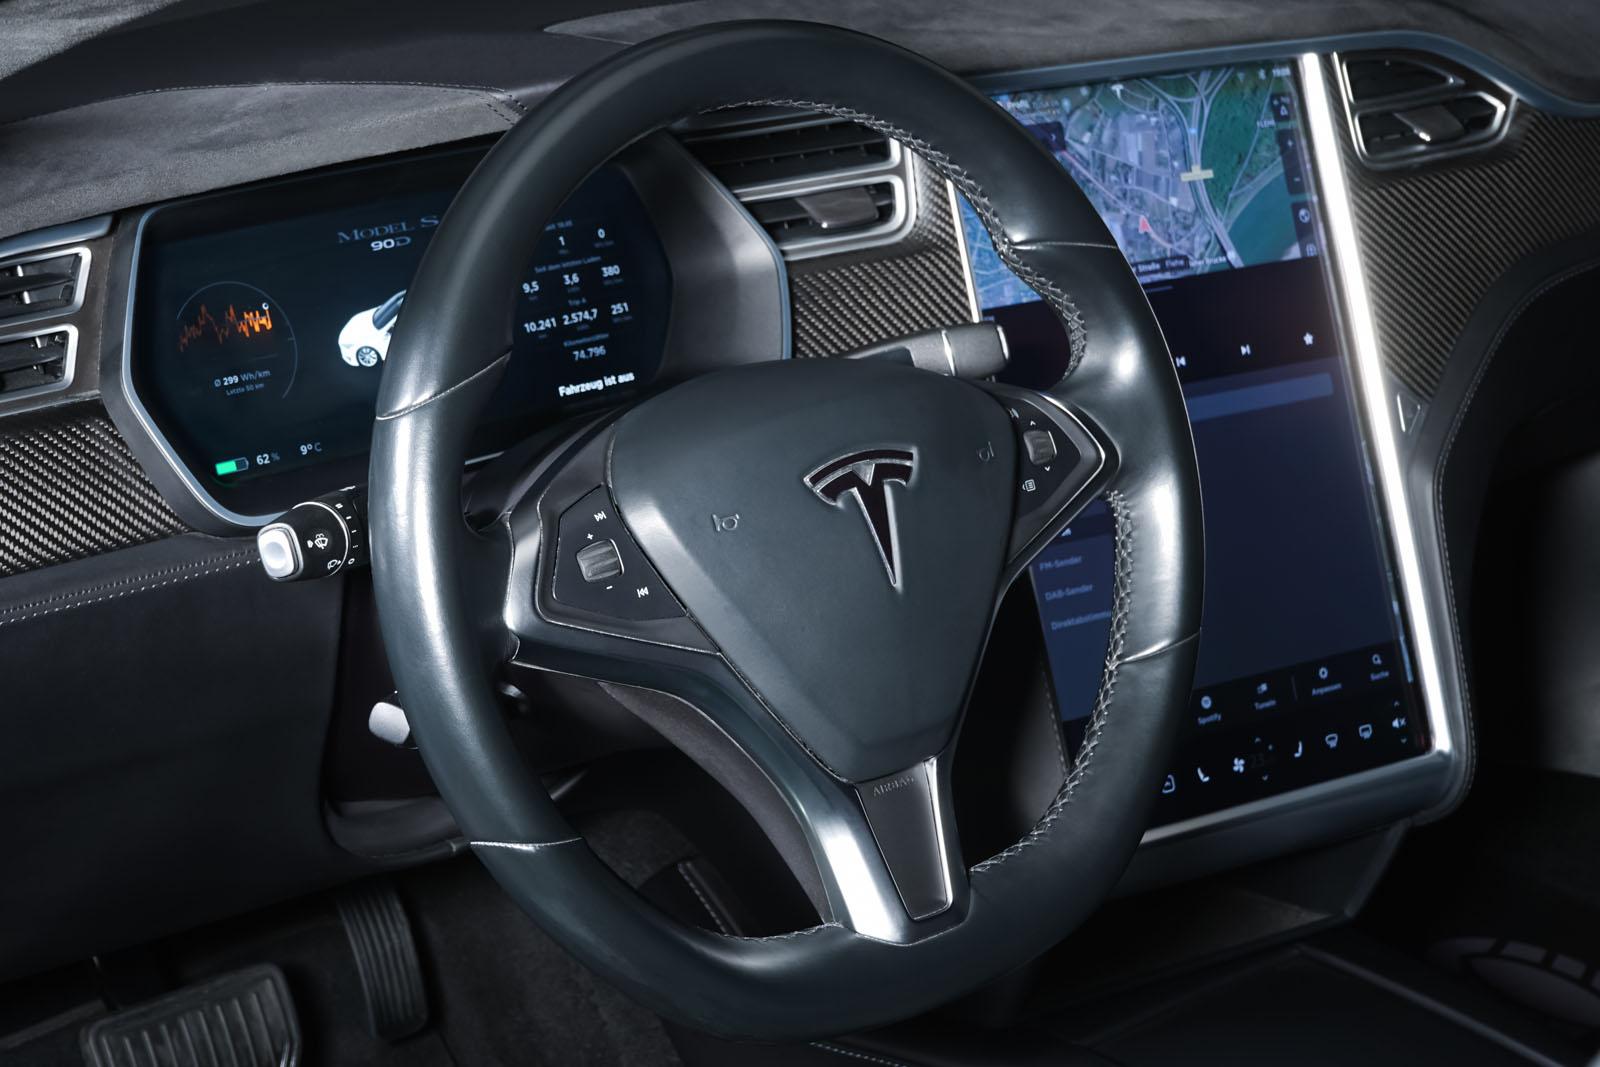 Tesla_ModelS_90D_Weiß_Schwarz_TES-0714_10_w